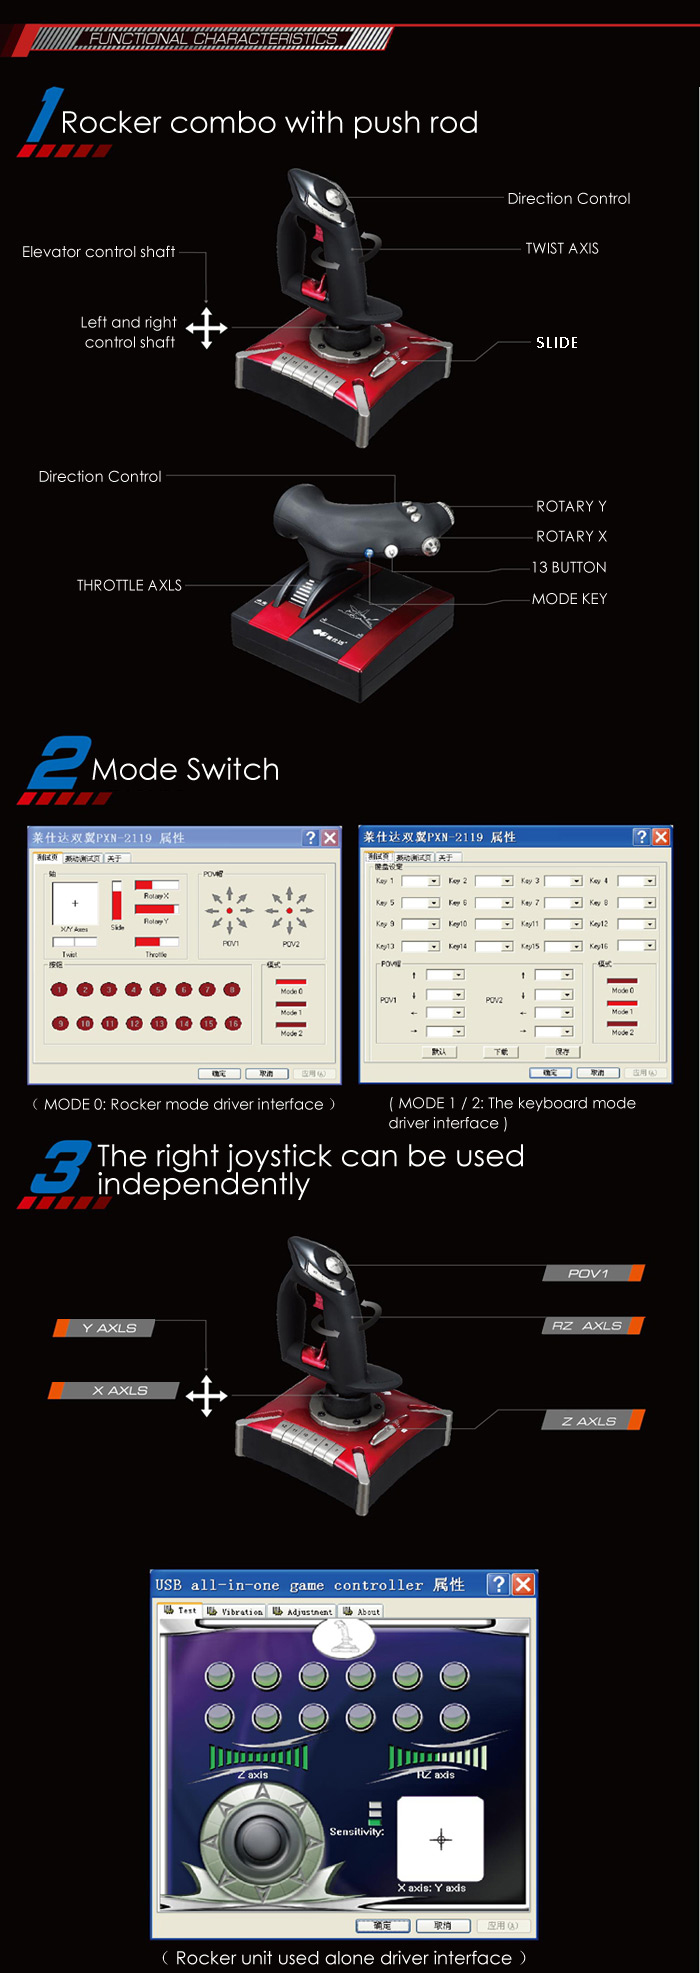 2019 pxn 2119 computer flight game controller